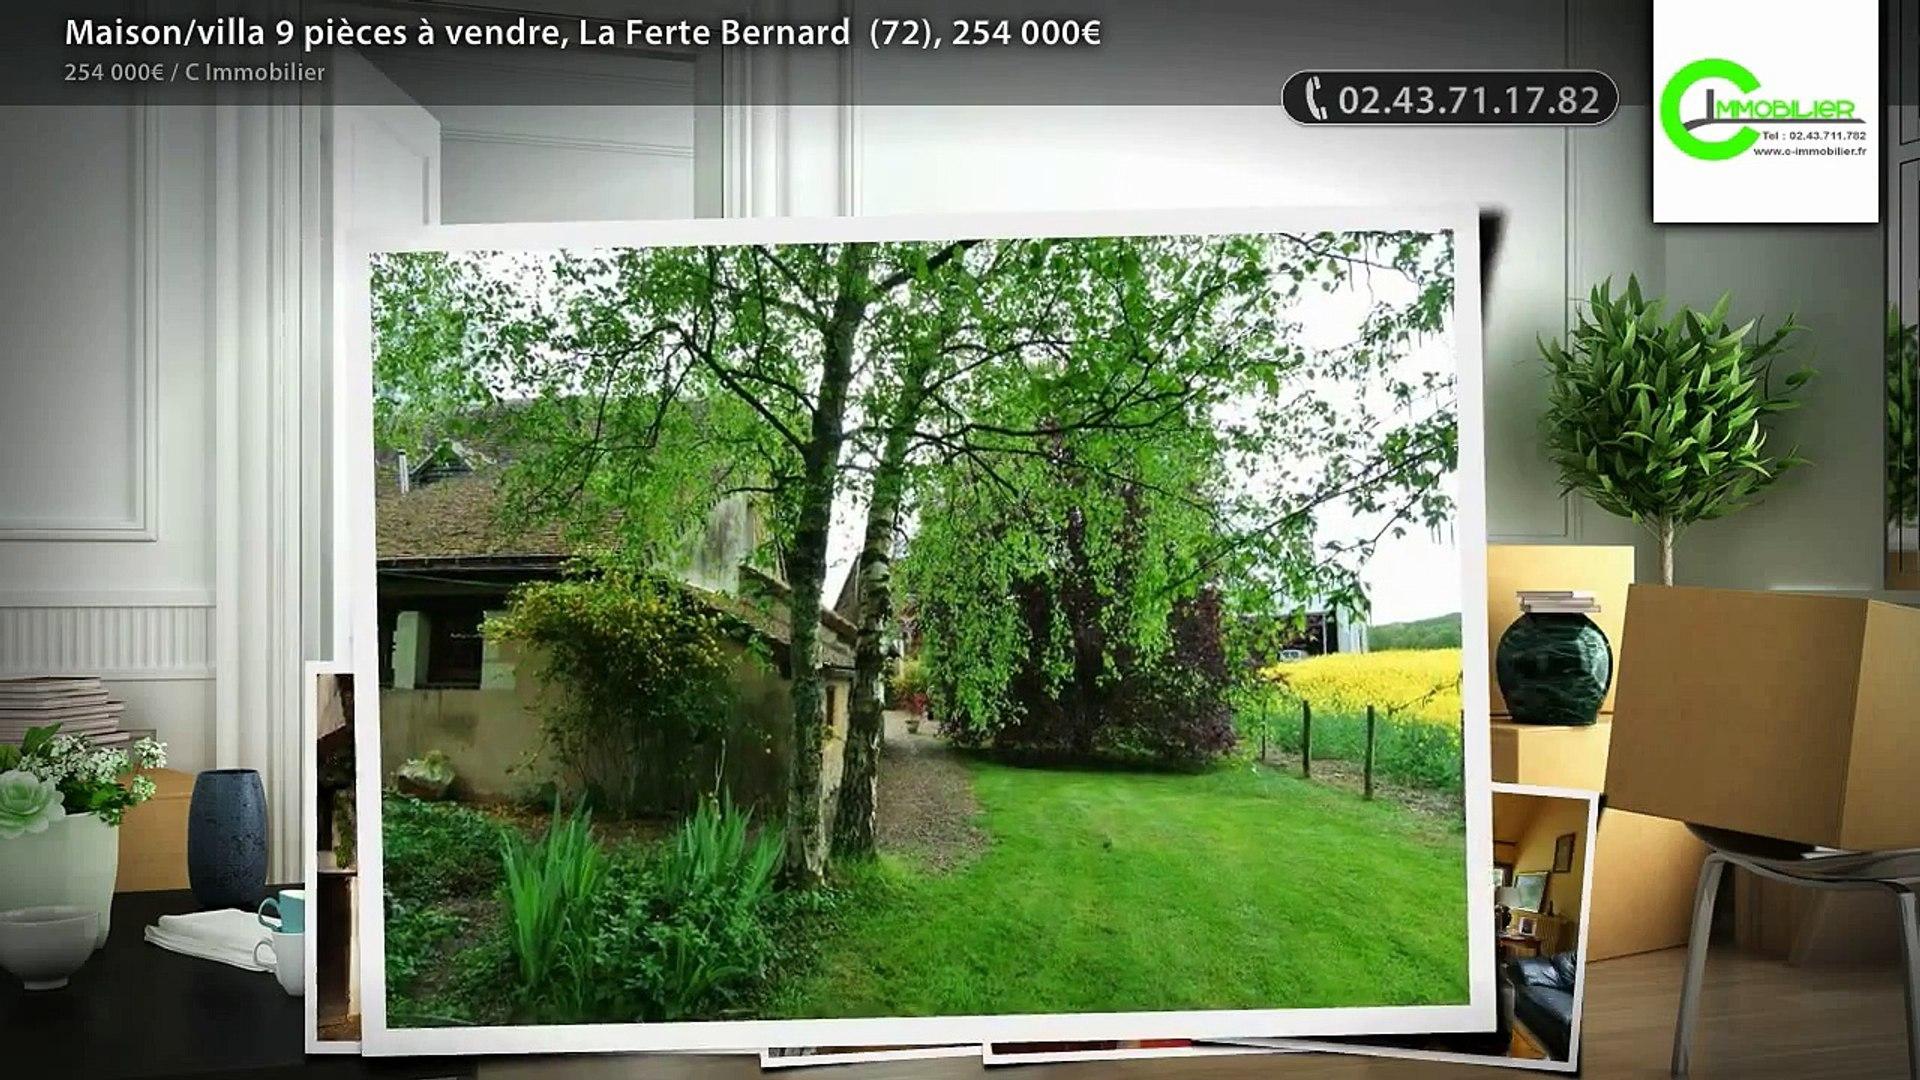 Maison/villa 9 pièces à vendre, La Ferte Bernard  (72), 254 000€